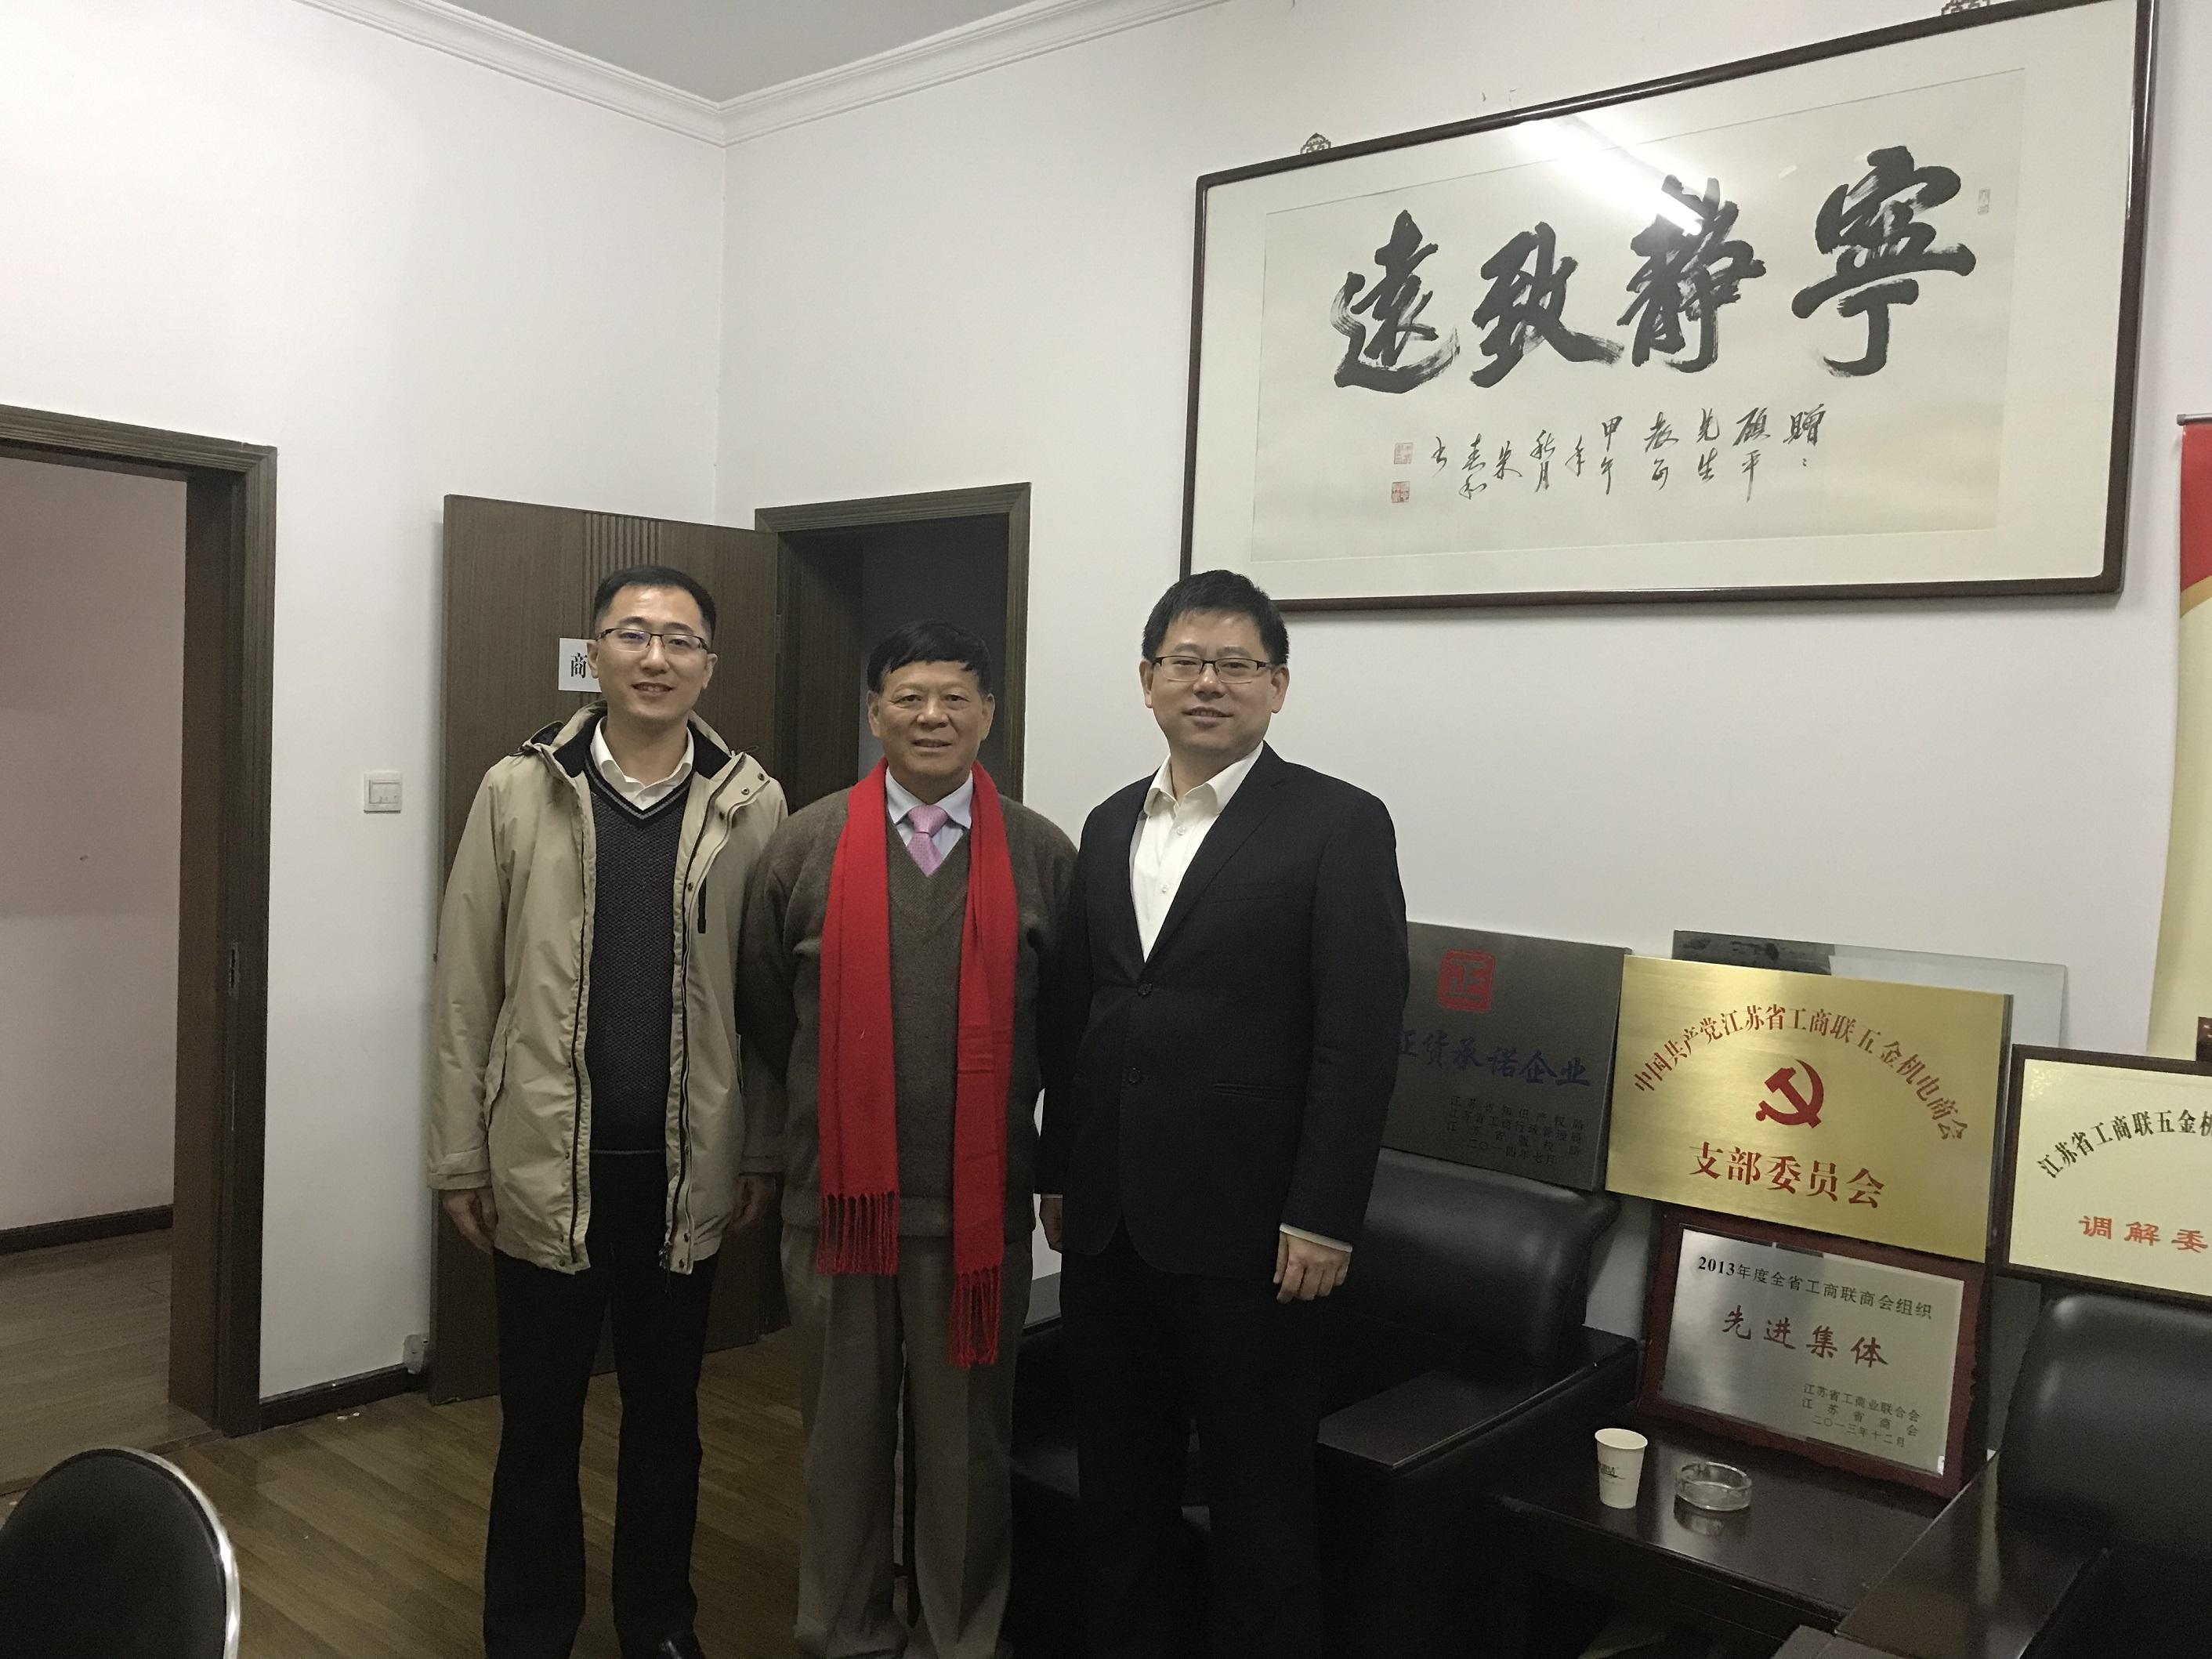 中信银行南京分行业务发展部领导莅临我会